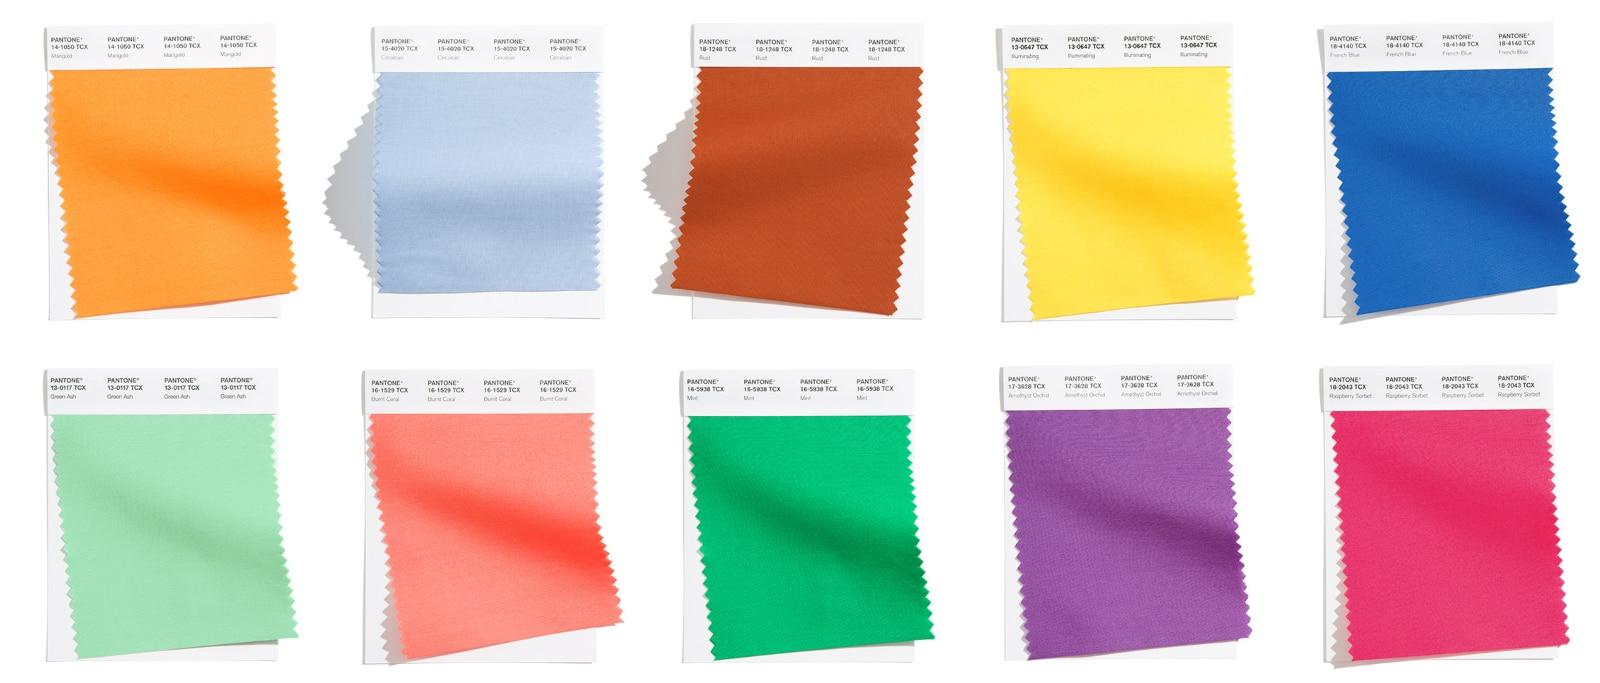 Colores PANTONE Primavera/Verano 2021